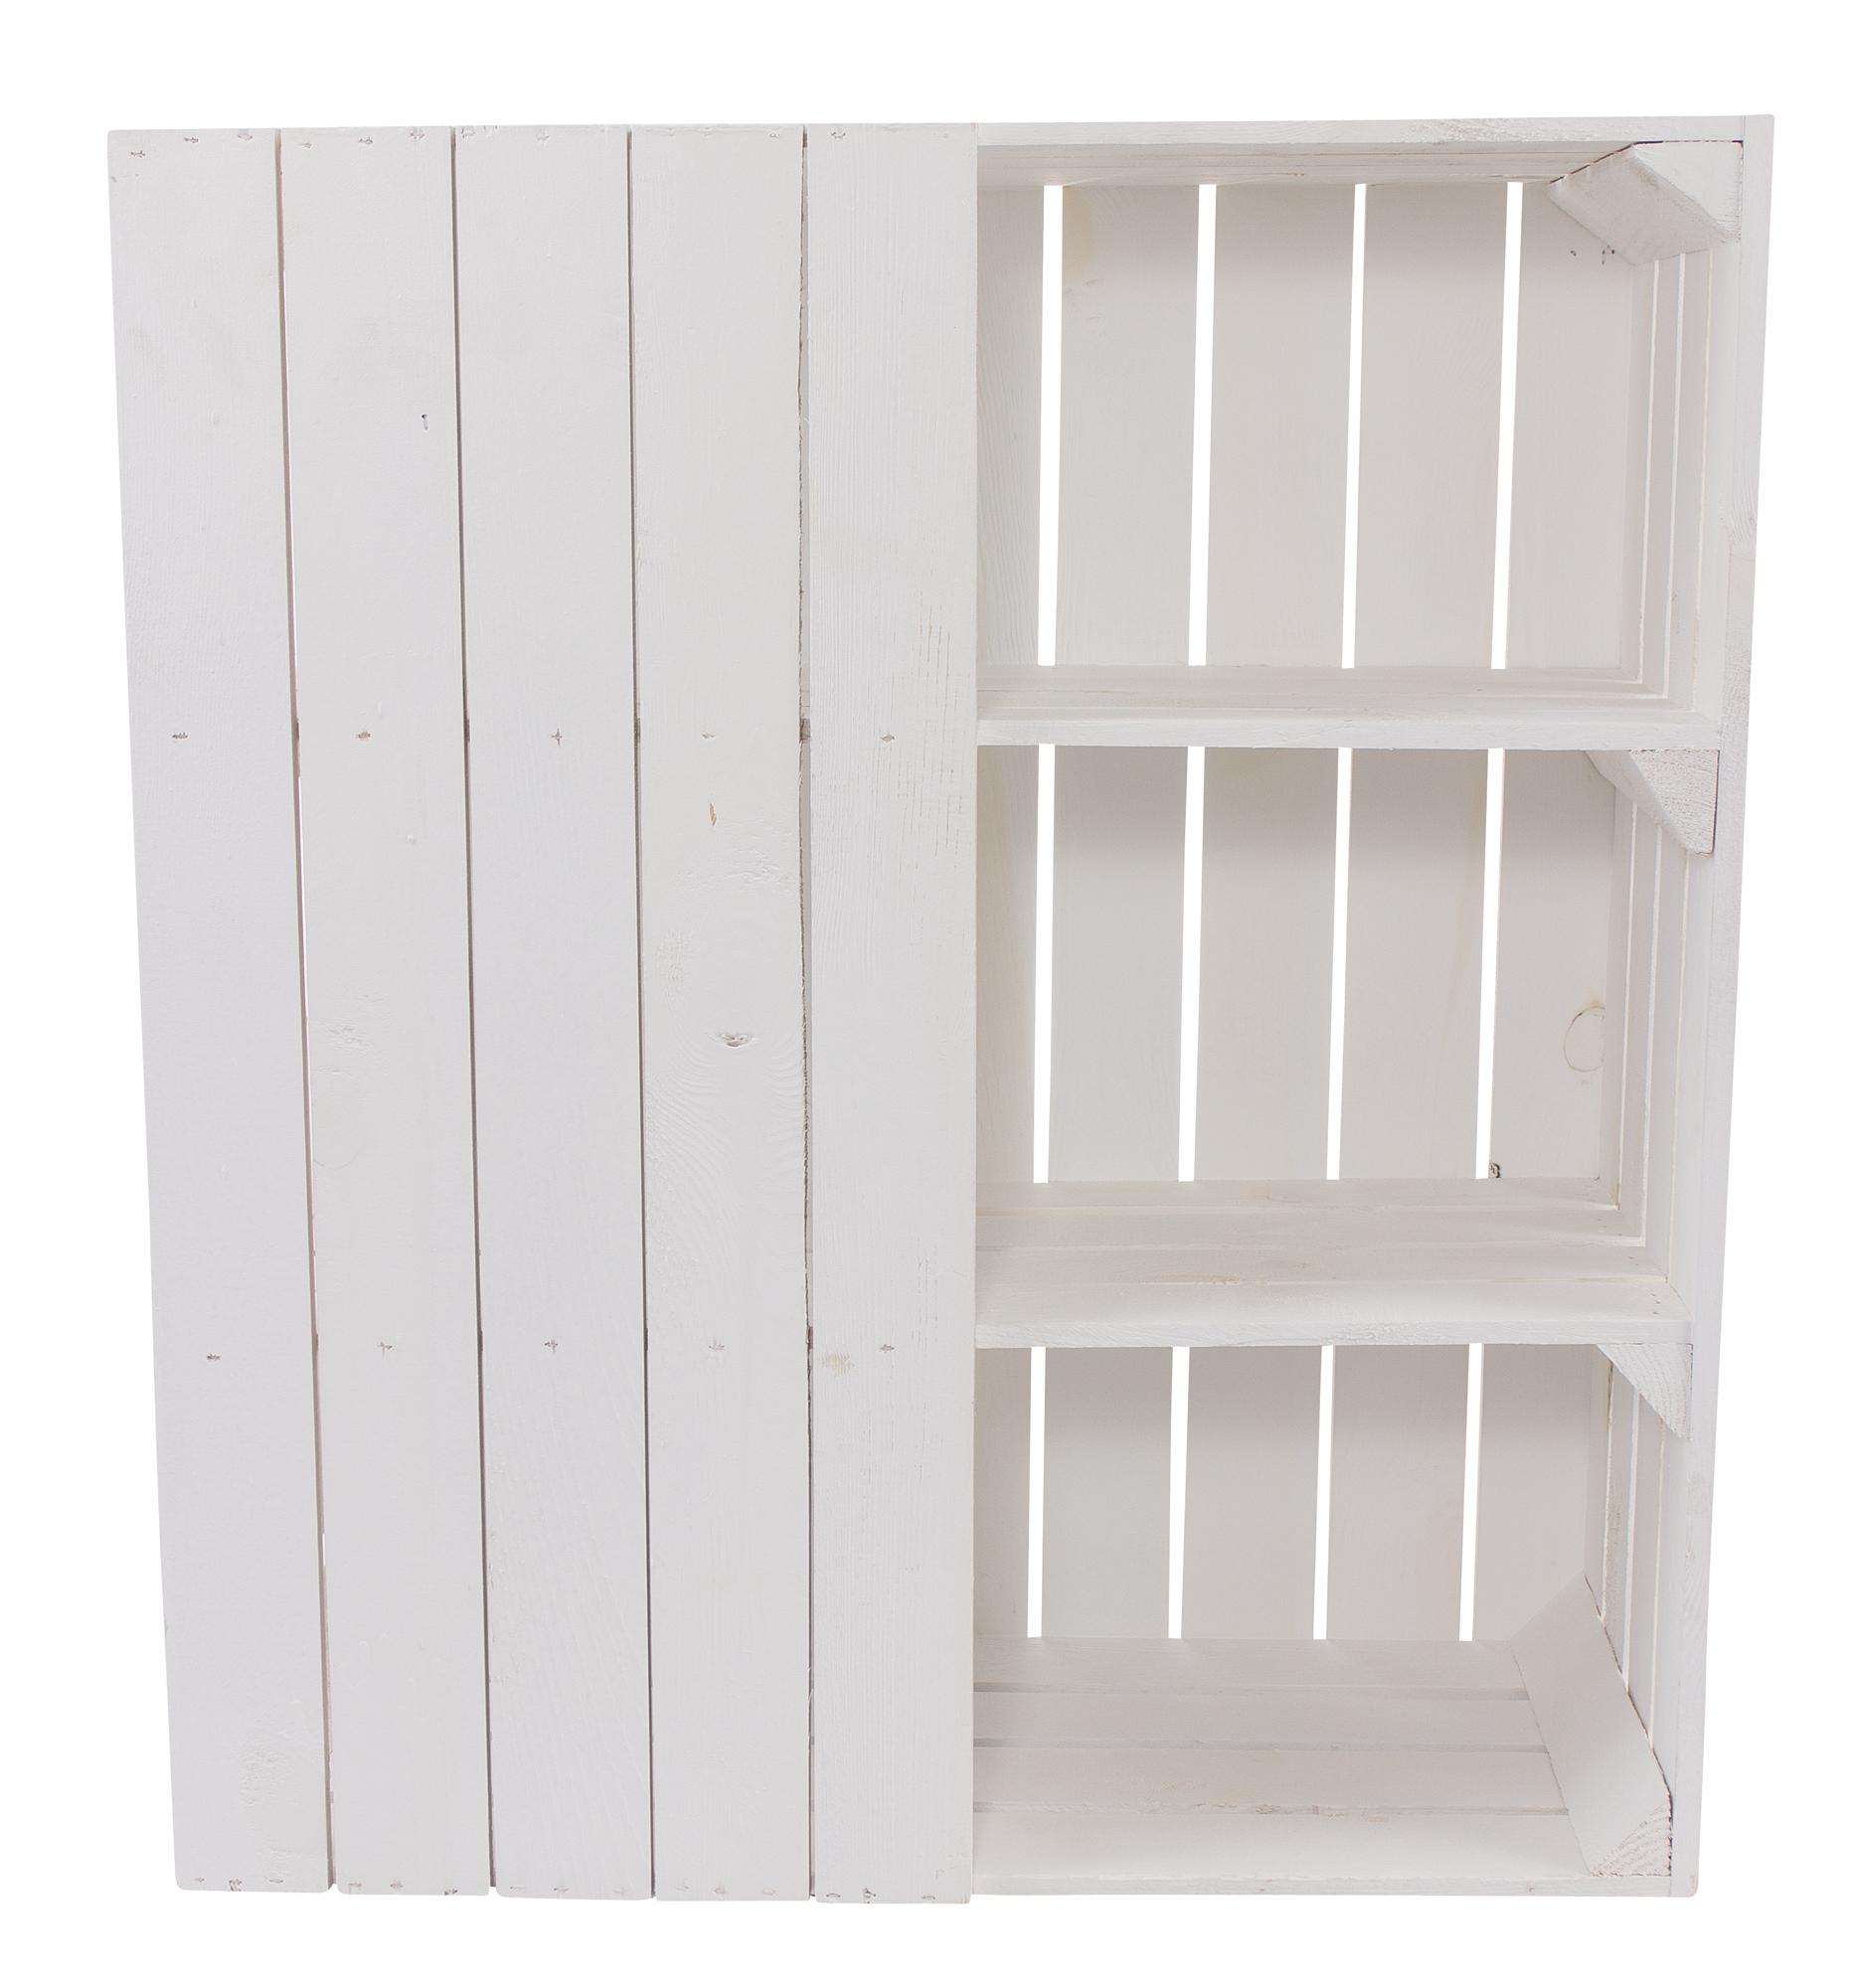 Schreibtisch Unterbau aus weißen Holzkisten (links) 74x65x35cm